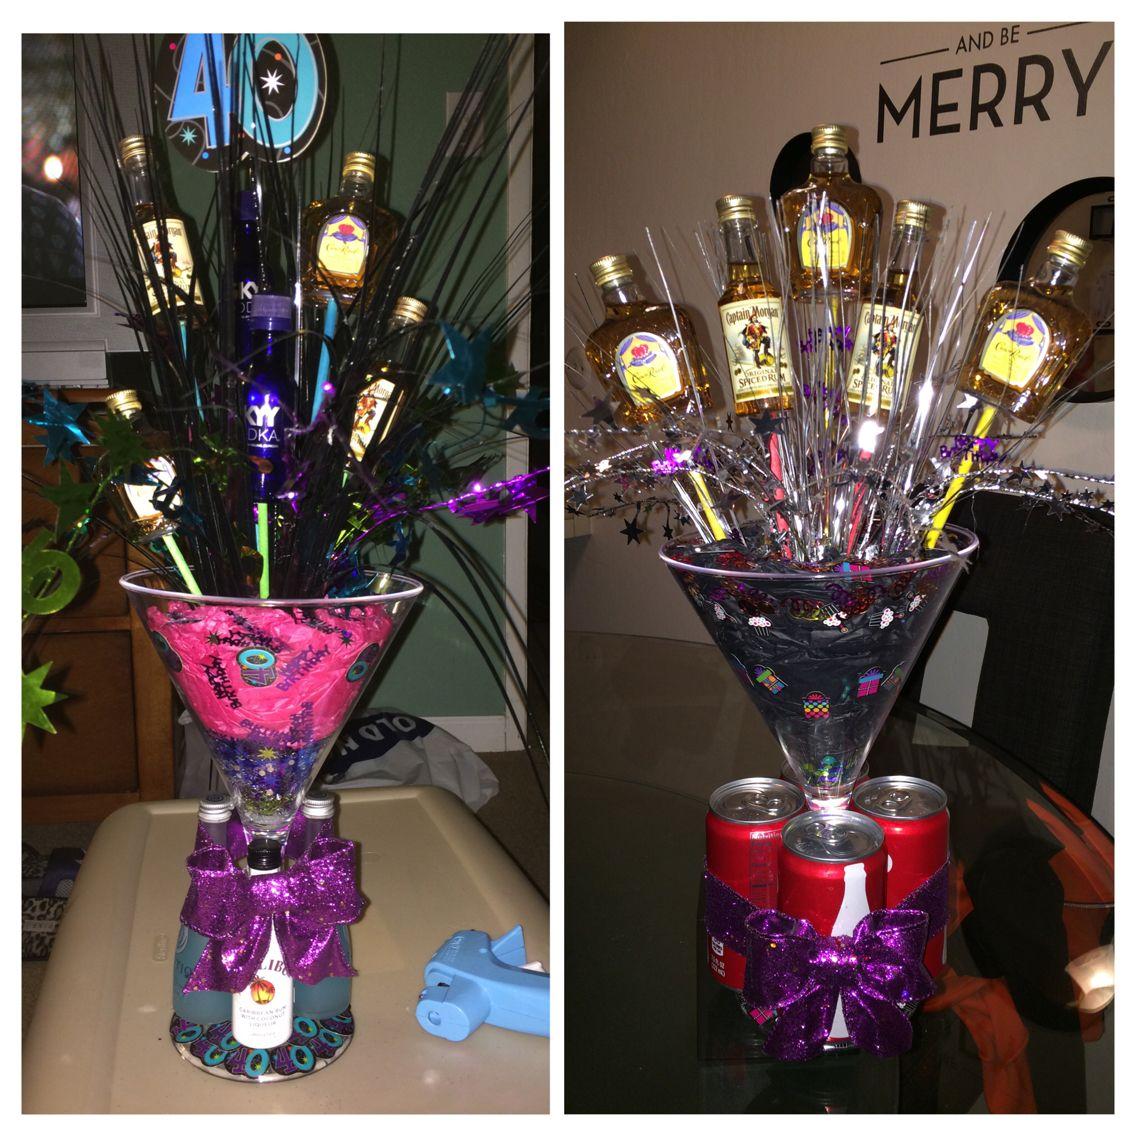 Mini Alcohol Bouquets I've Made